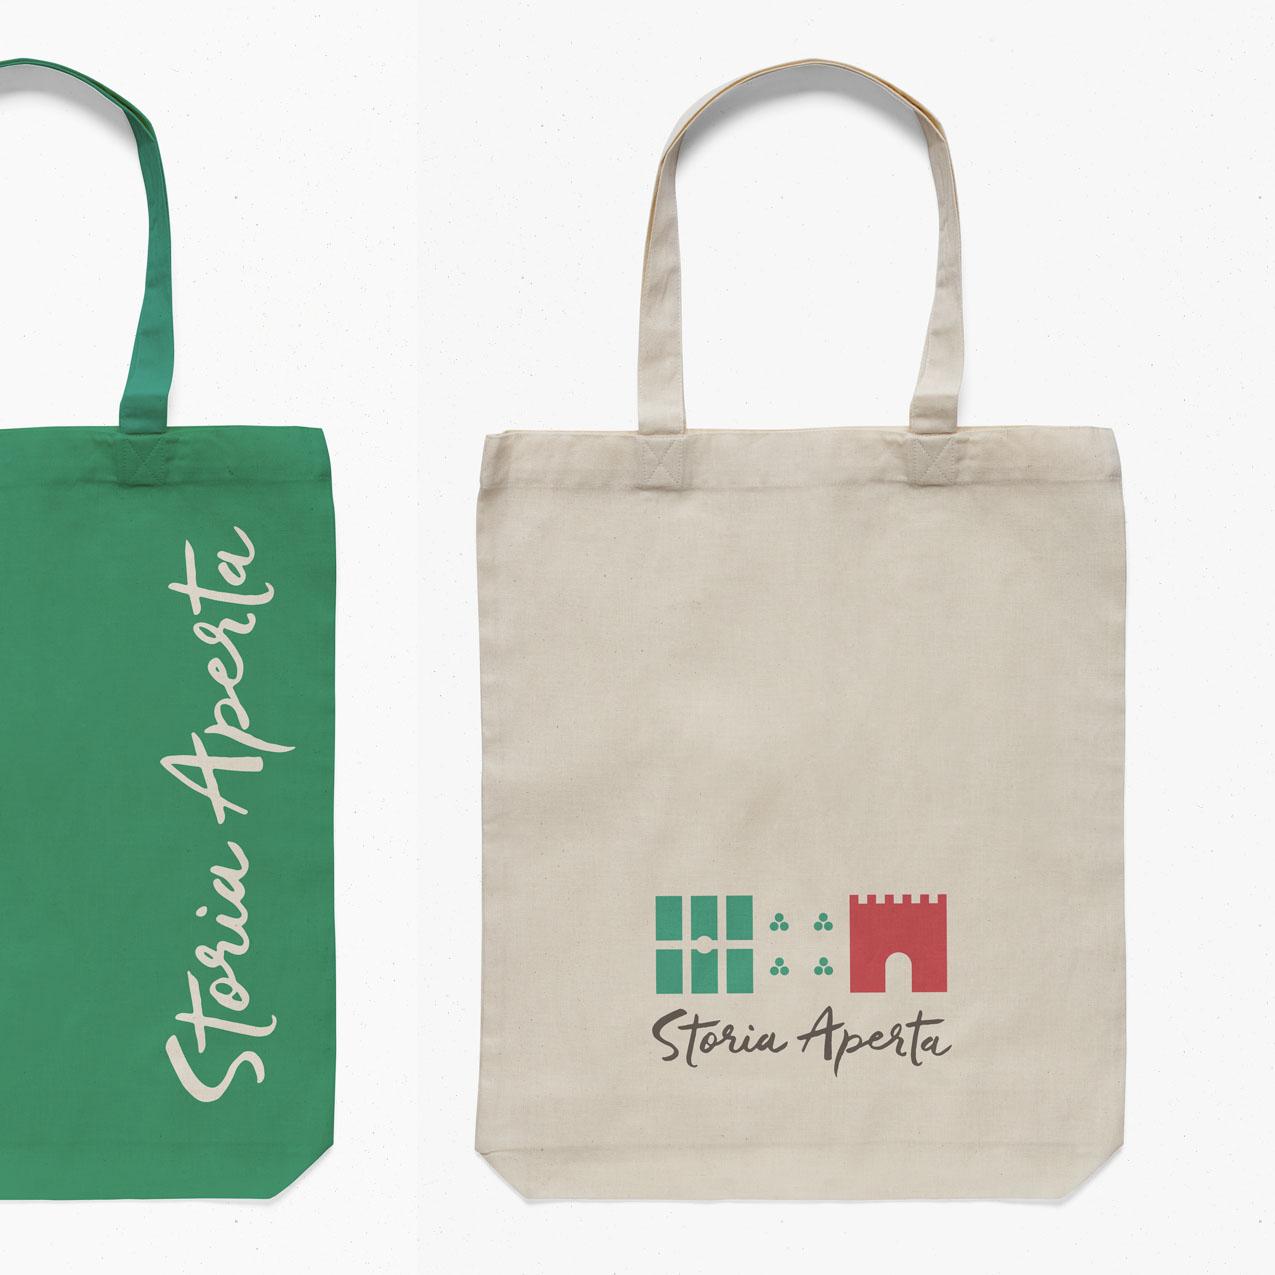 Storia Aperta Tote Bags